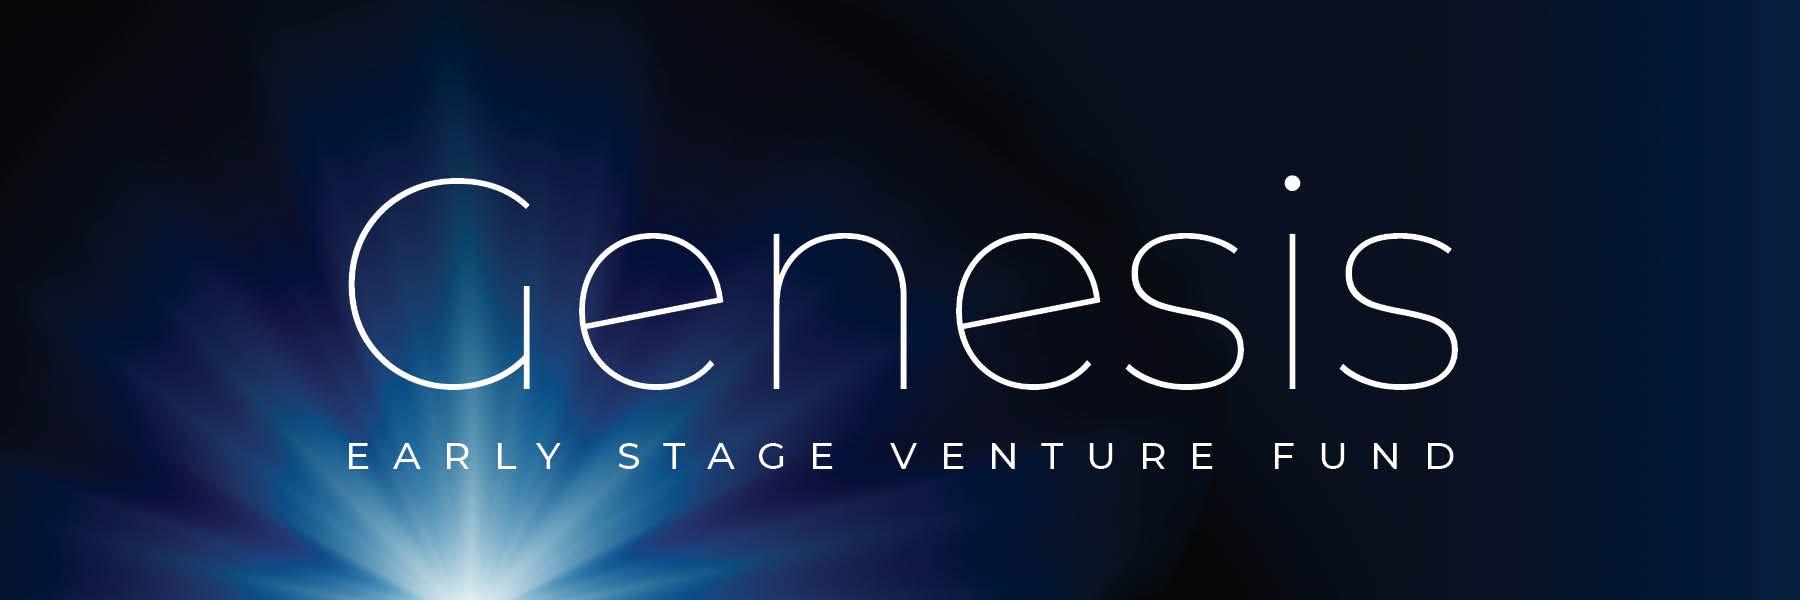 Adit Genesis Banner - Branded_Text_v3